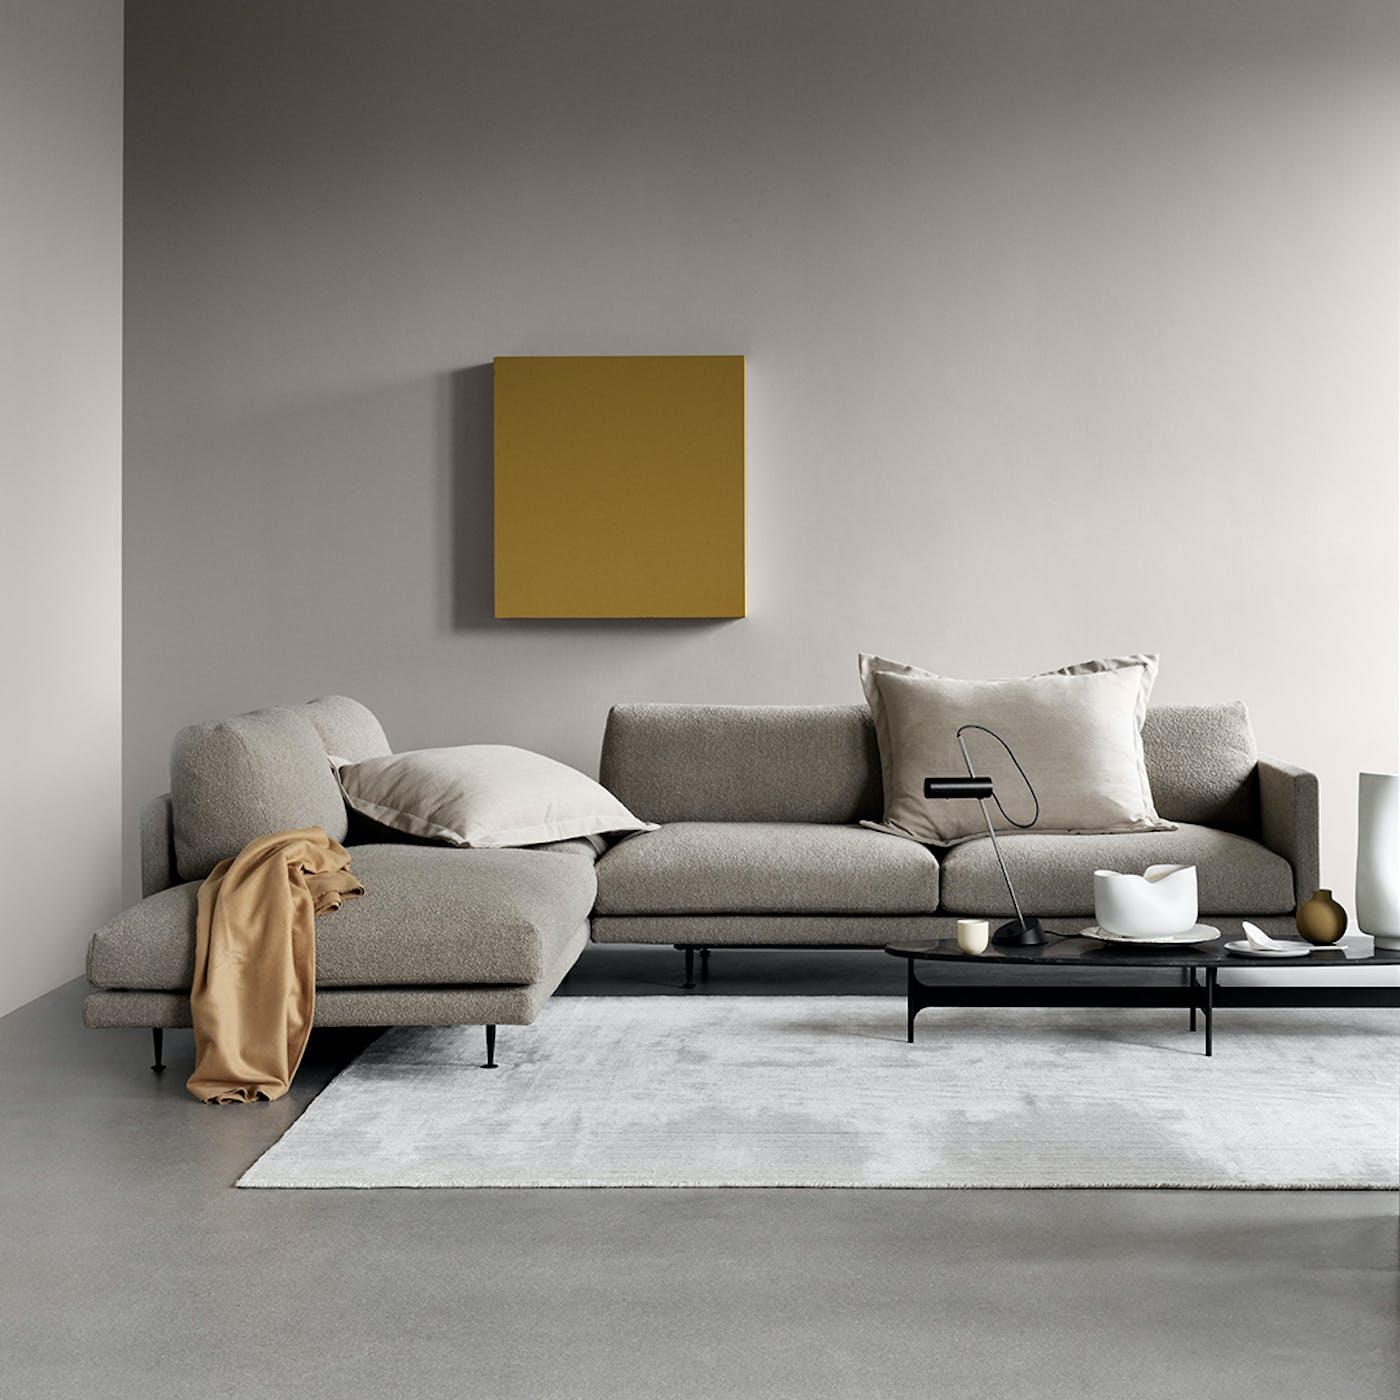 Wendelbo Maho sofa 1080x1080 150 dpi